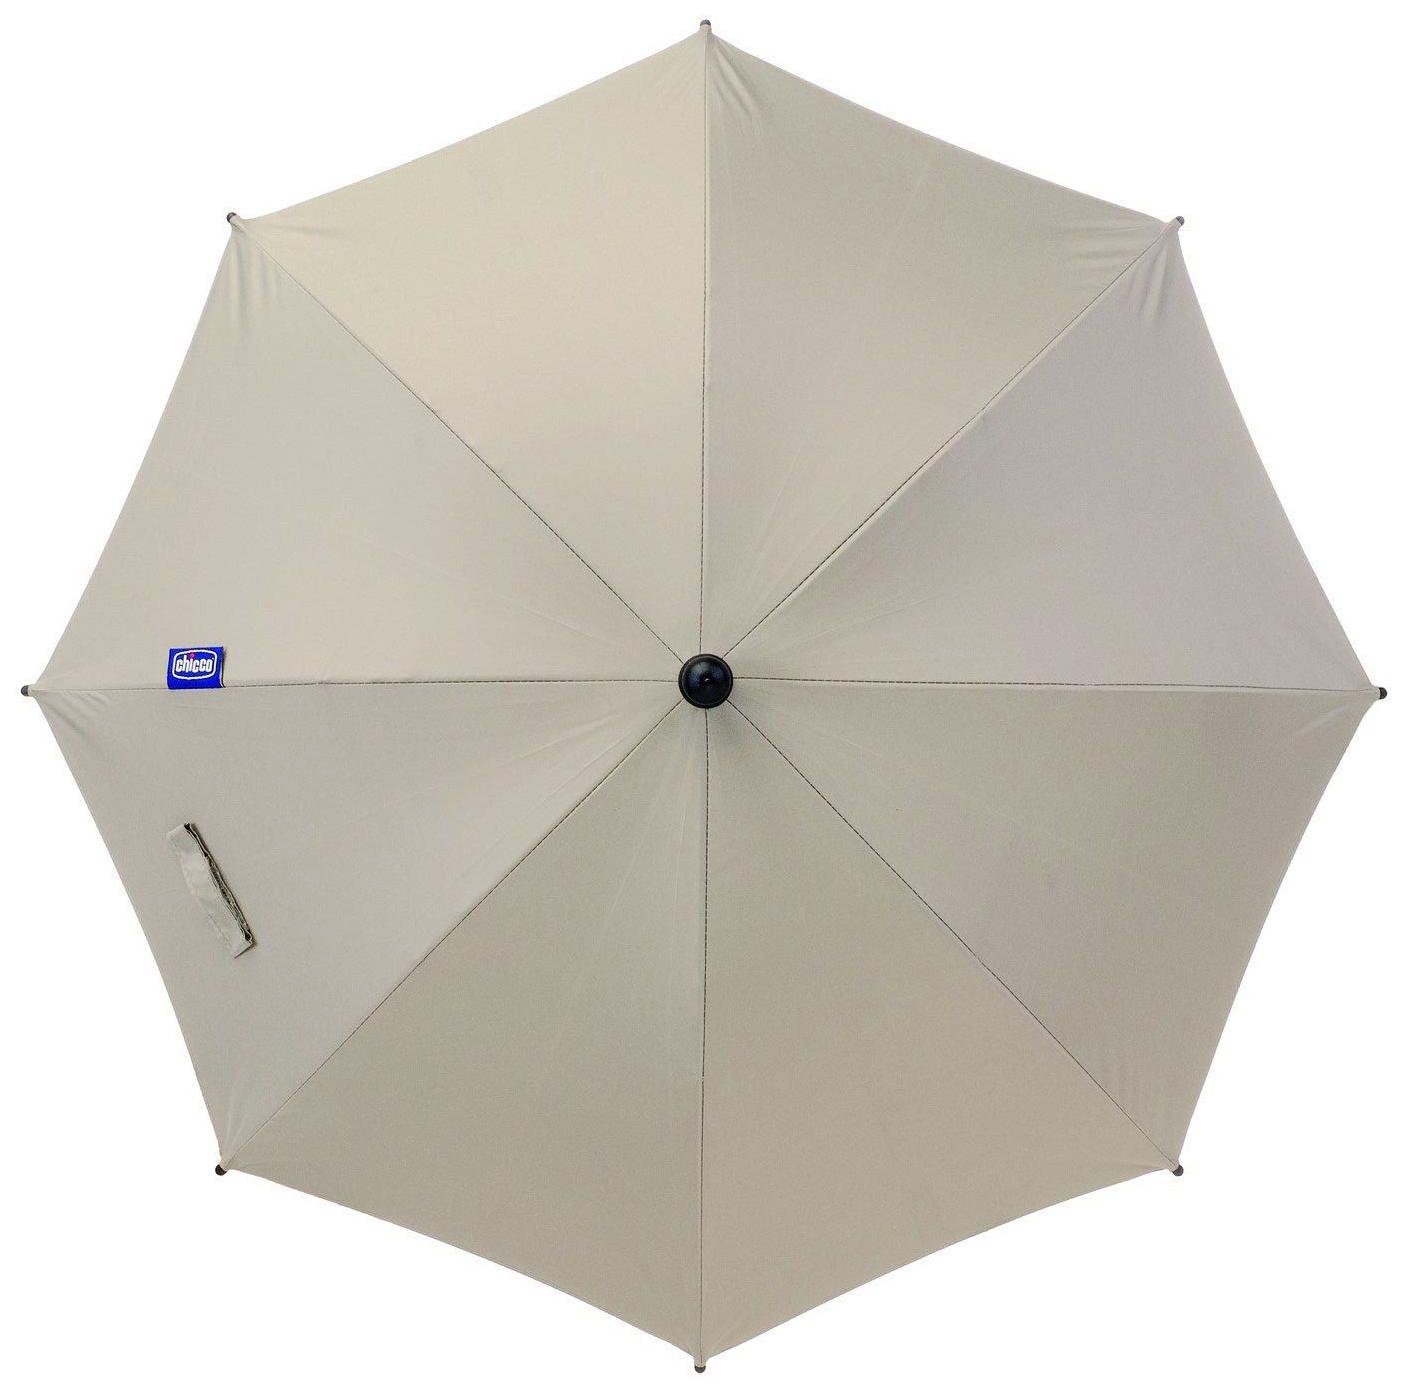 Купить Универсальный зонт для колясок Chicco Beige, Комплектующие для колясок